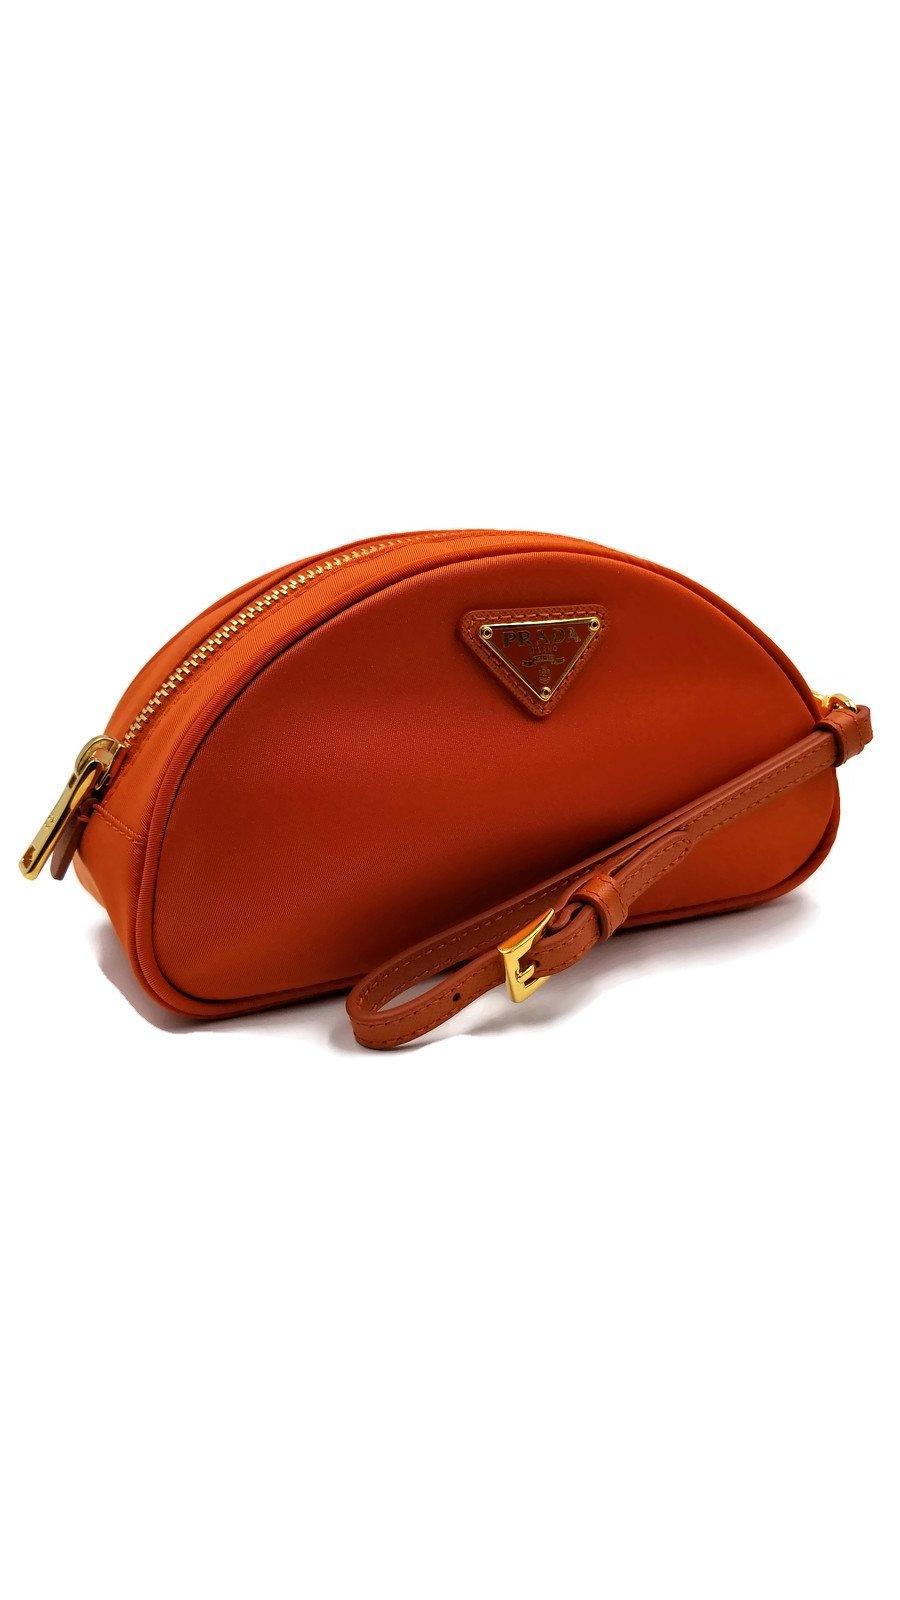 Prada Nylon and Saffiano Leather Cosmetic Case